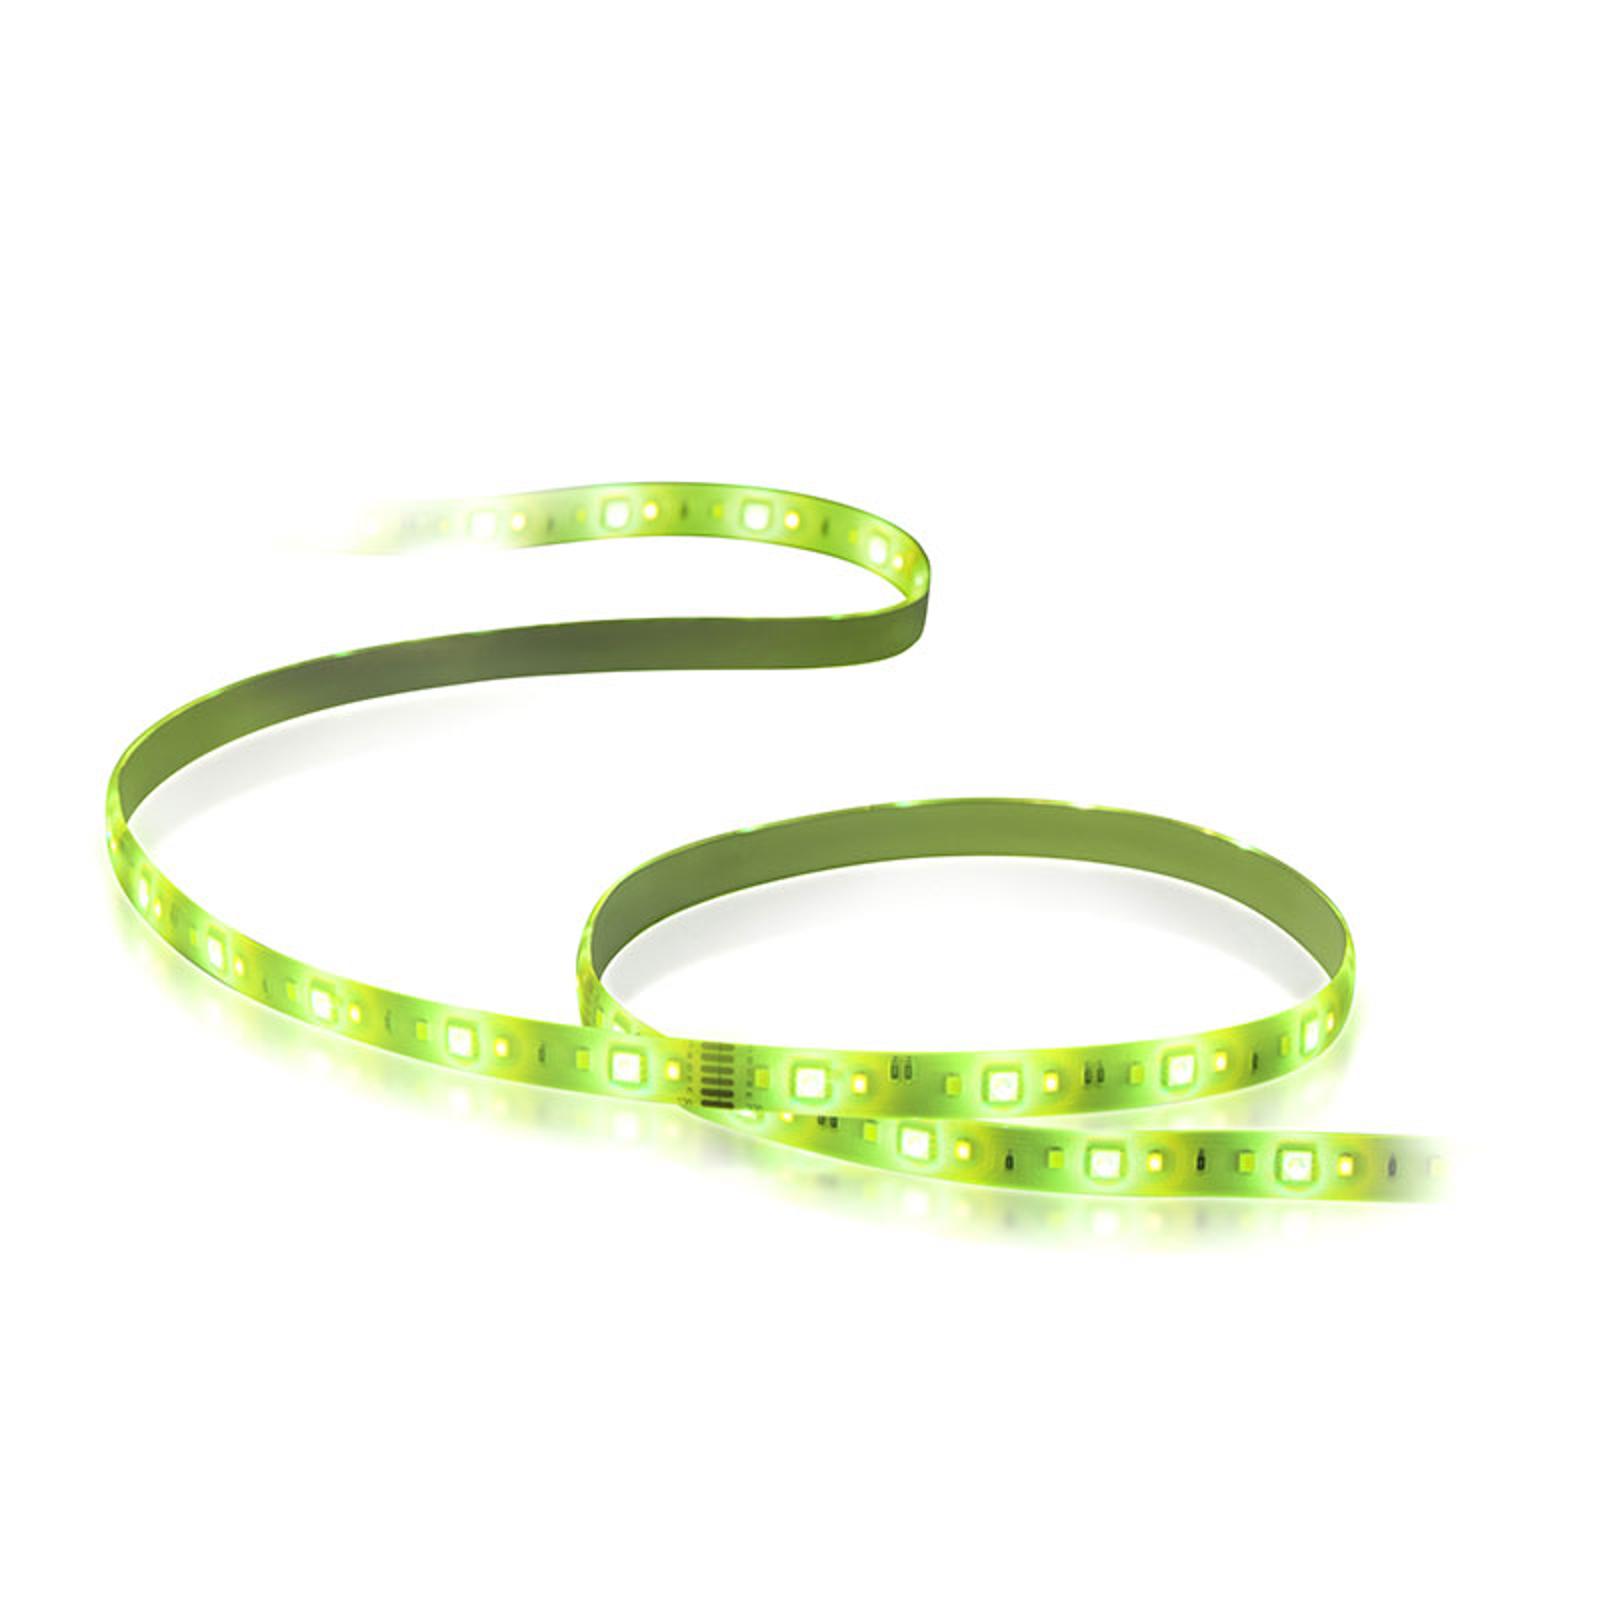 WiZ LED-stripe startsæt, 2 m